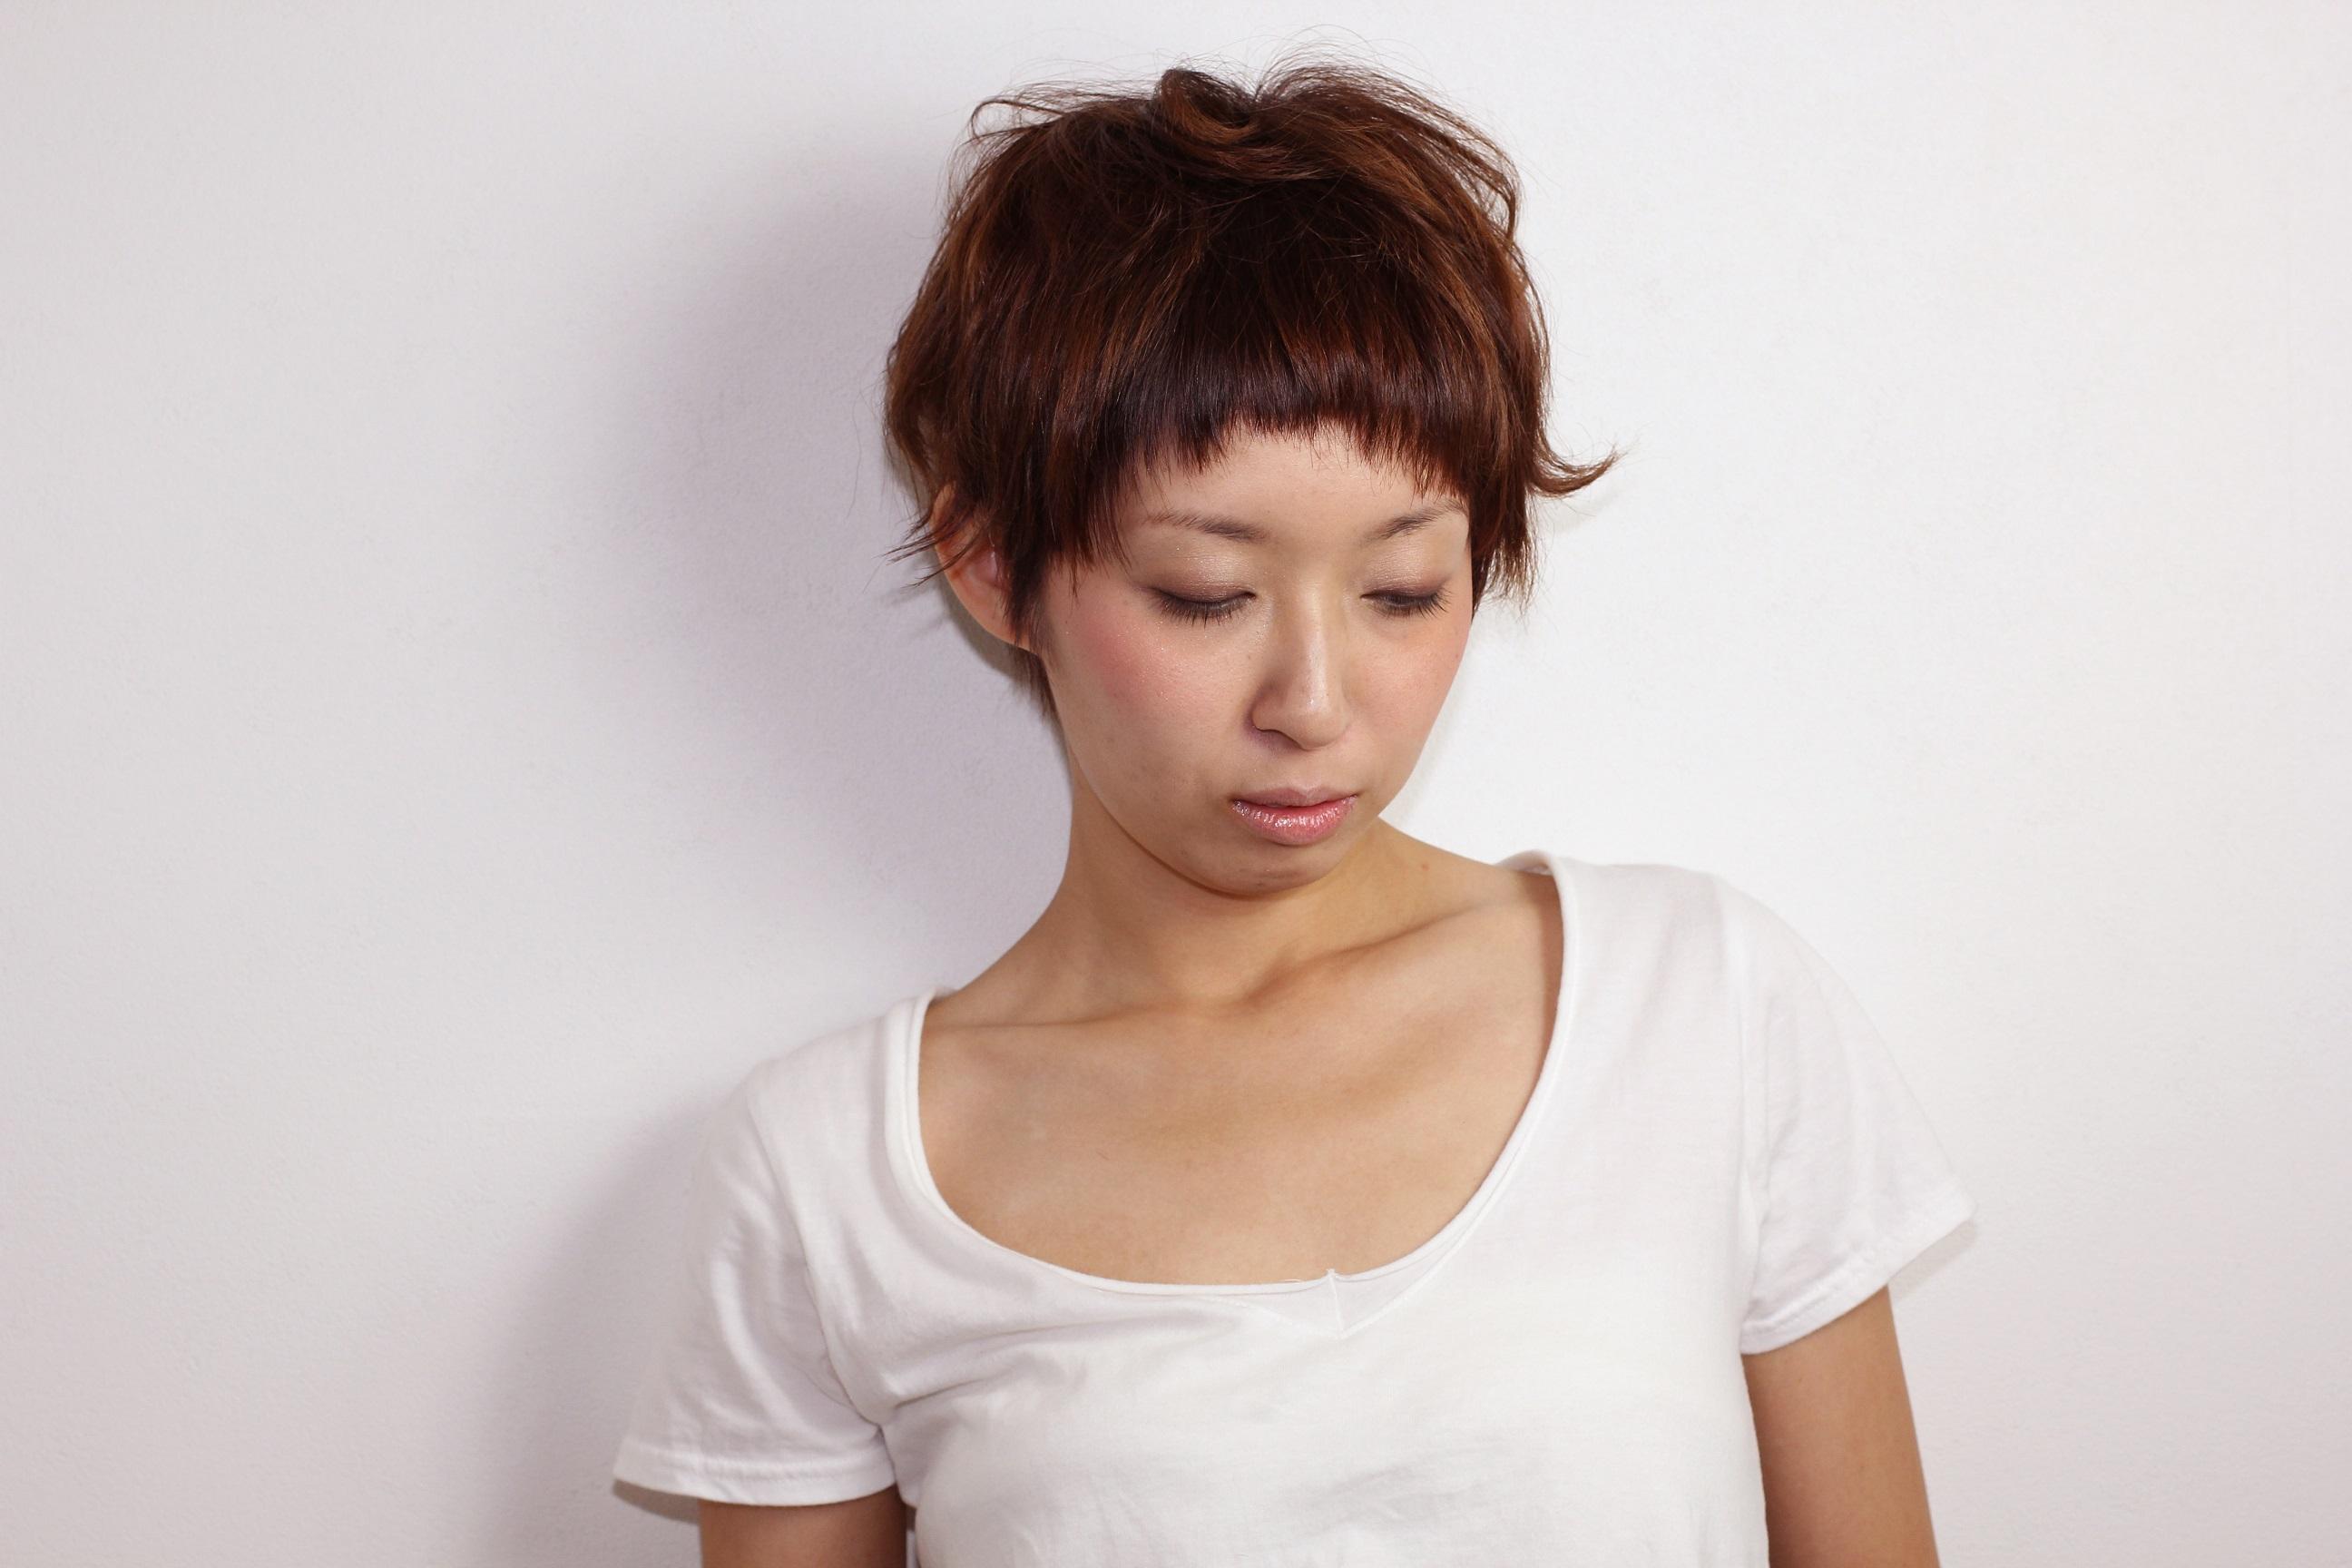 クセ毛風のニュアンスが女性らしさをセーブした大人なベリーショート hair 吉永武司